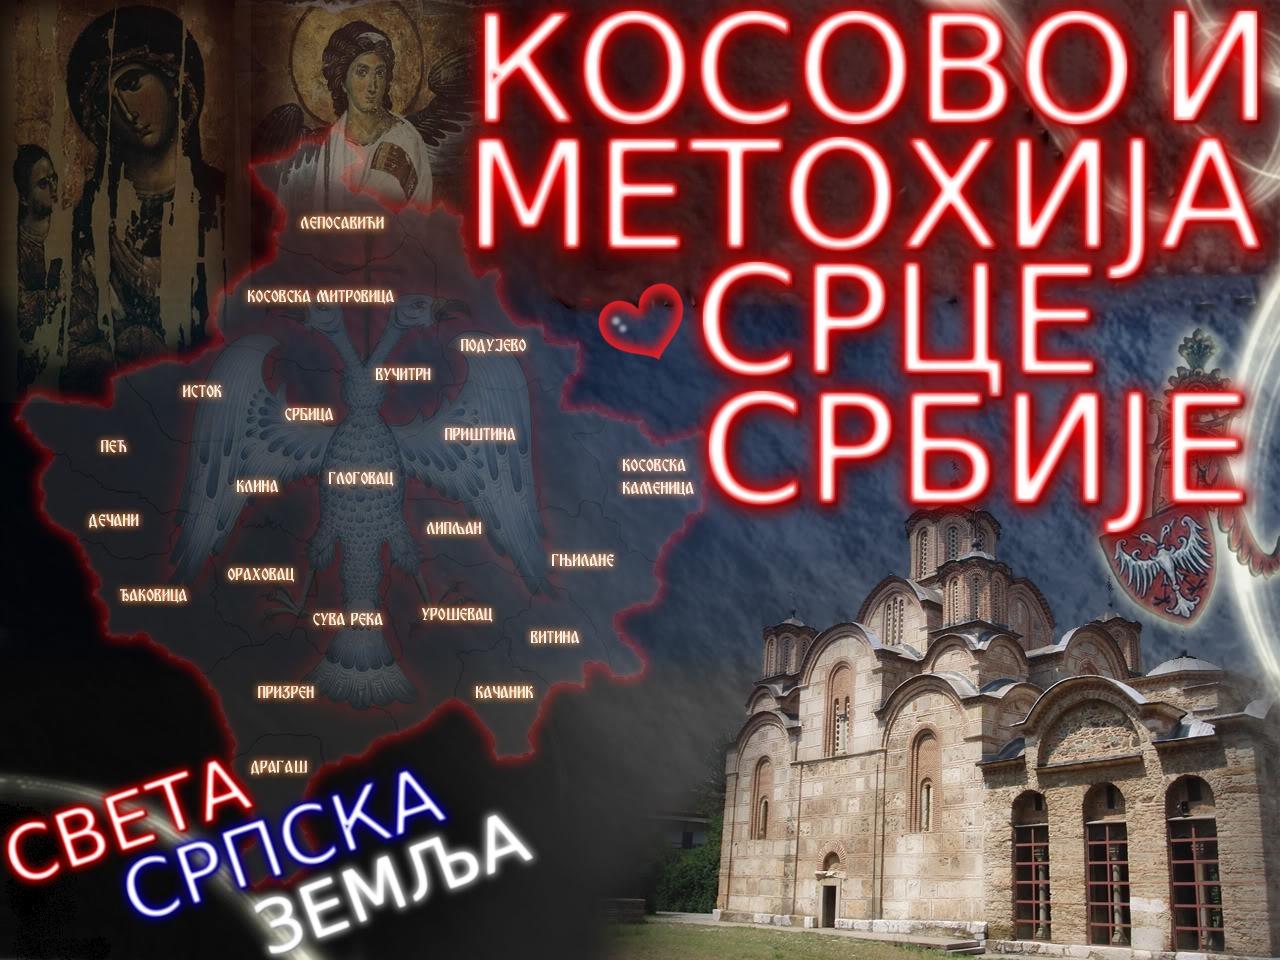 Kosovo und Metohija - Holy serbische Land -- Kosovo and Metohija - Heilige Serbian Land